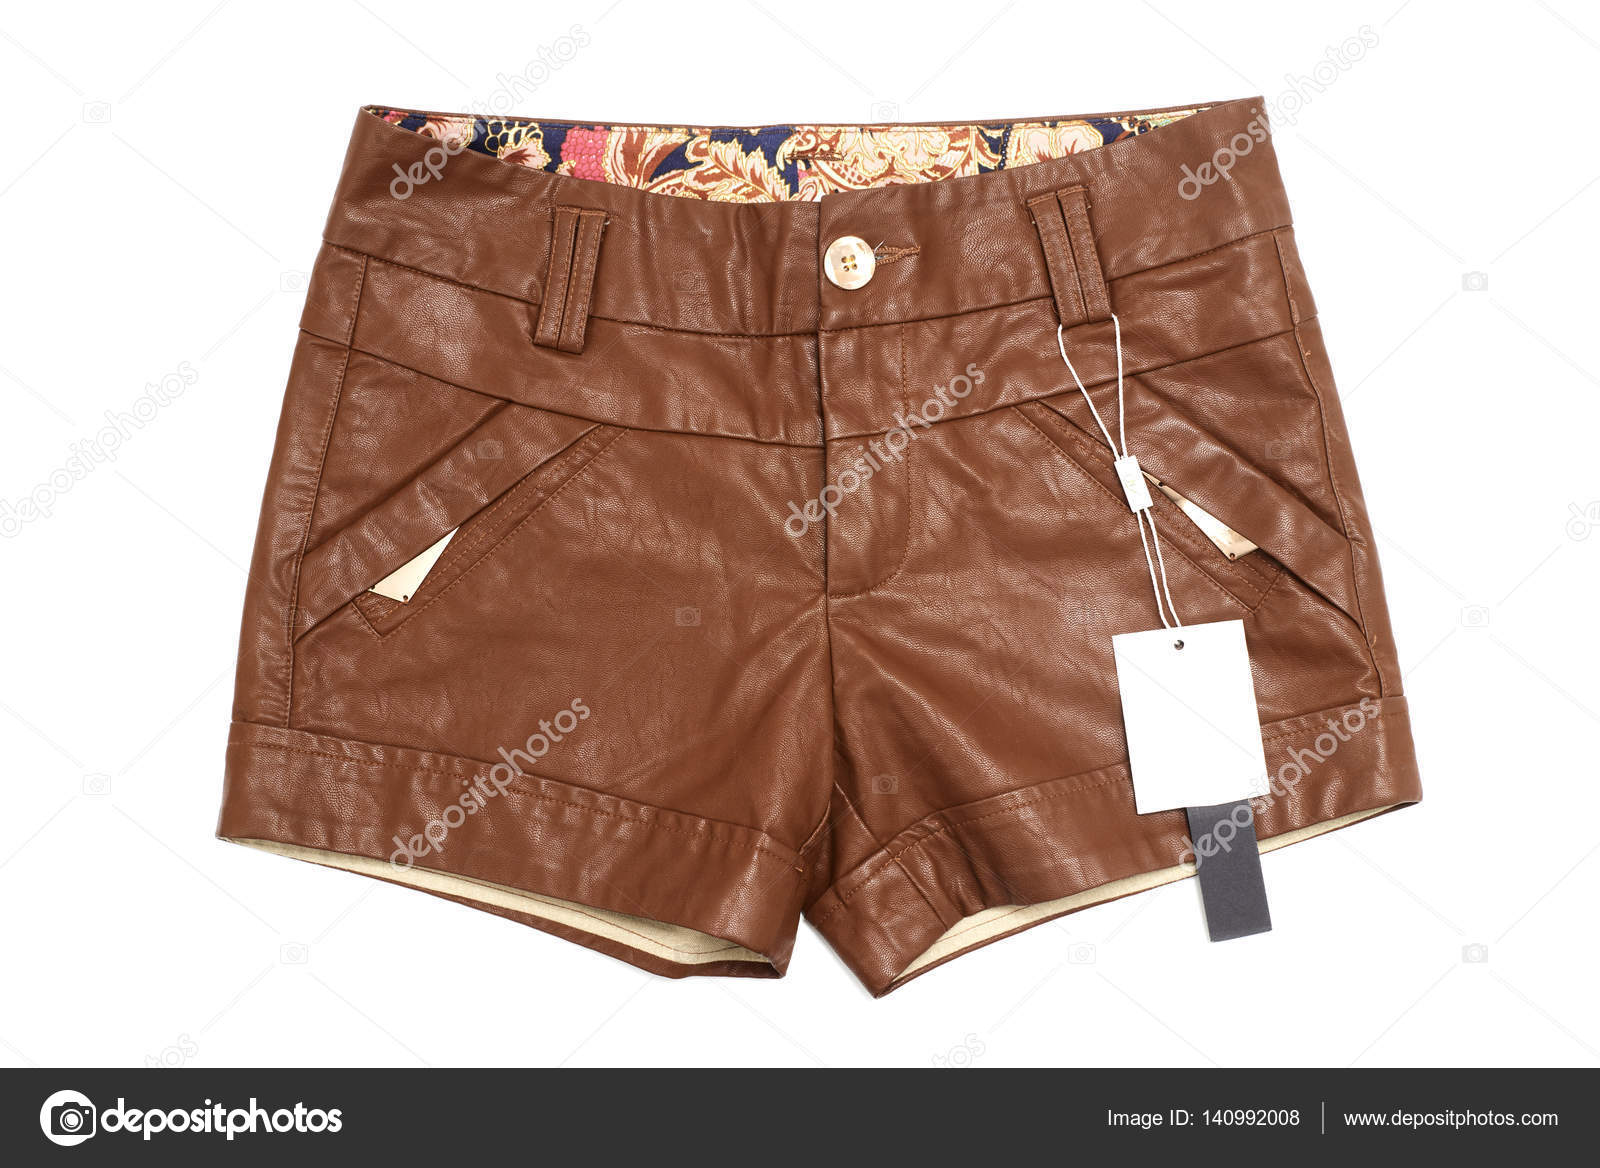 6099e20a0b Pantalones cortos de mujer mujer cuero marrón — Fotos de Stock ...